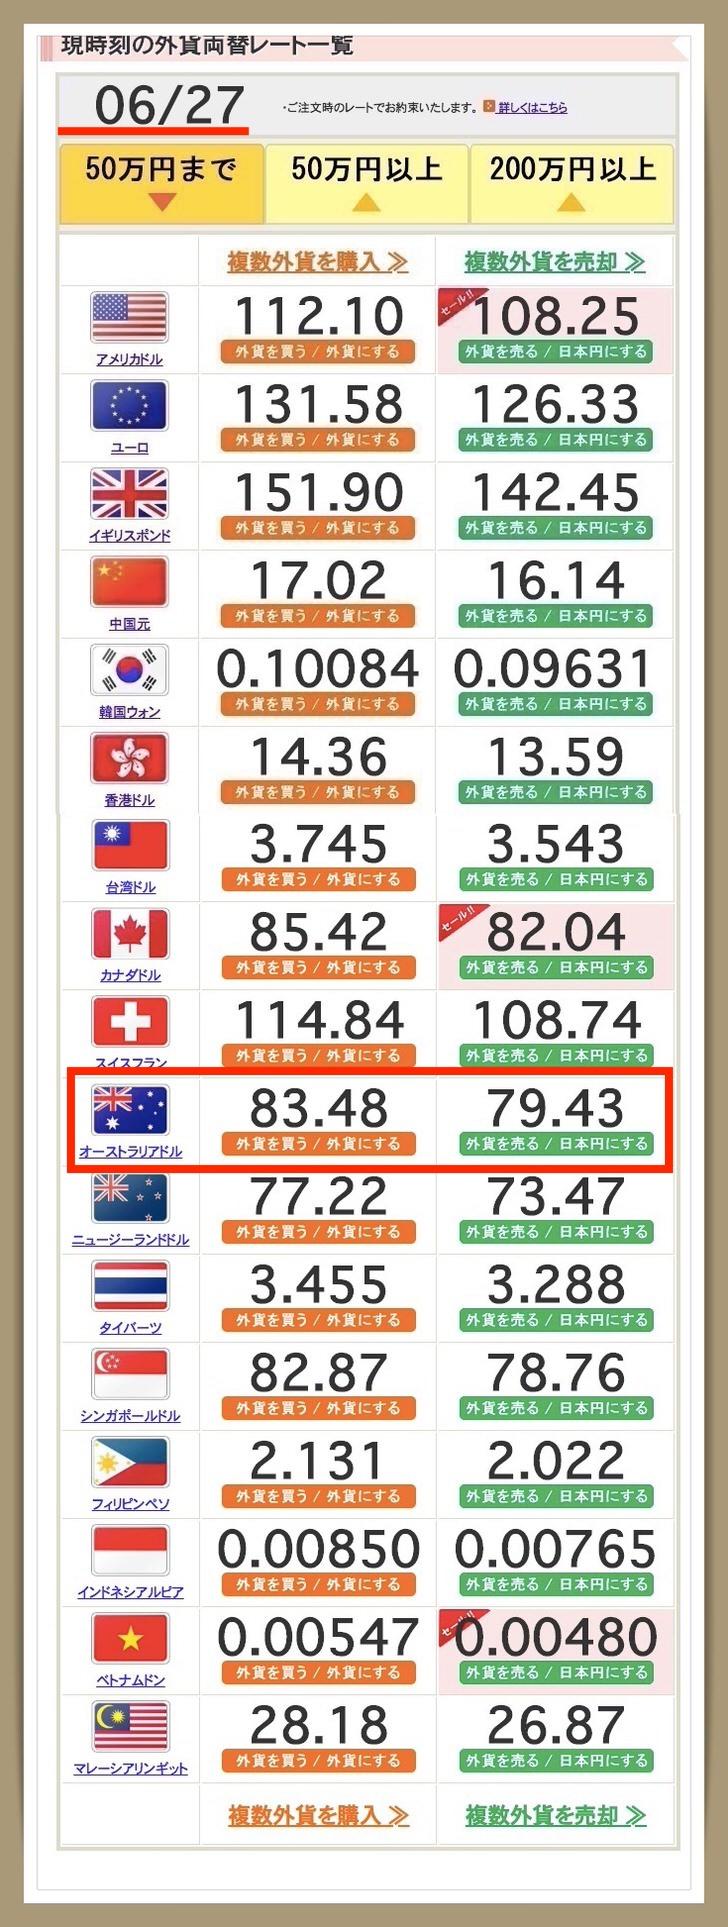 外貨両替ドルユーロ レート 現地 比較